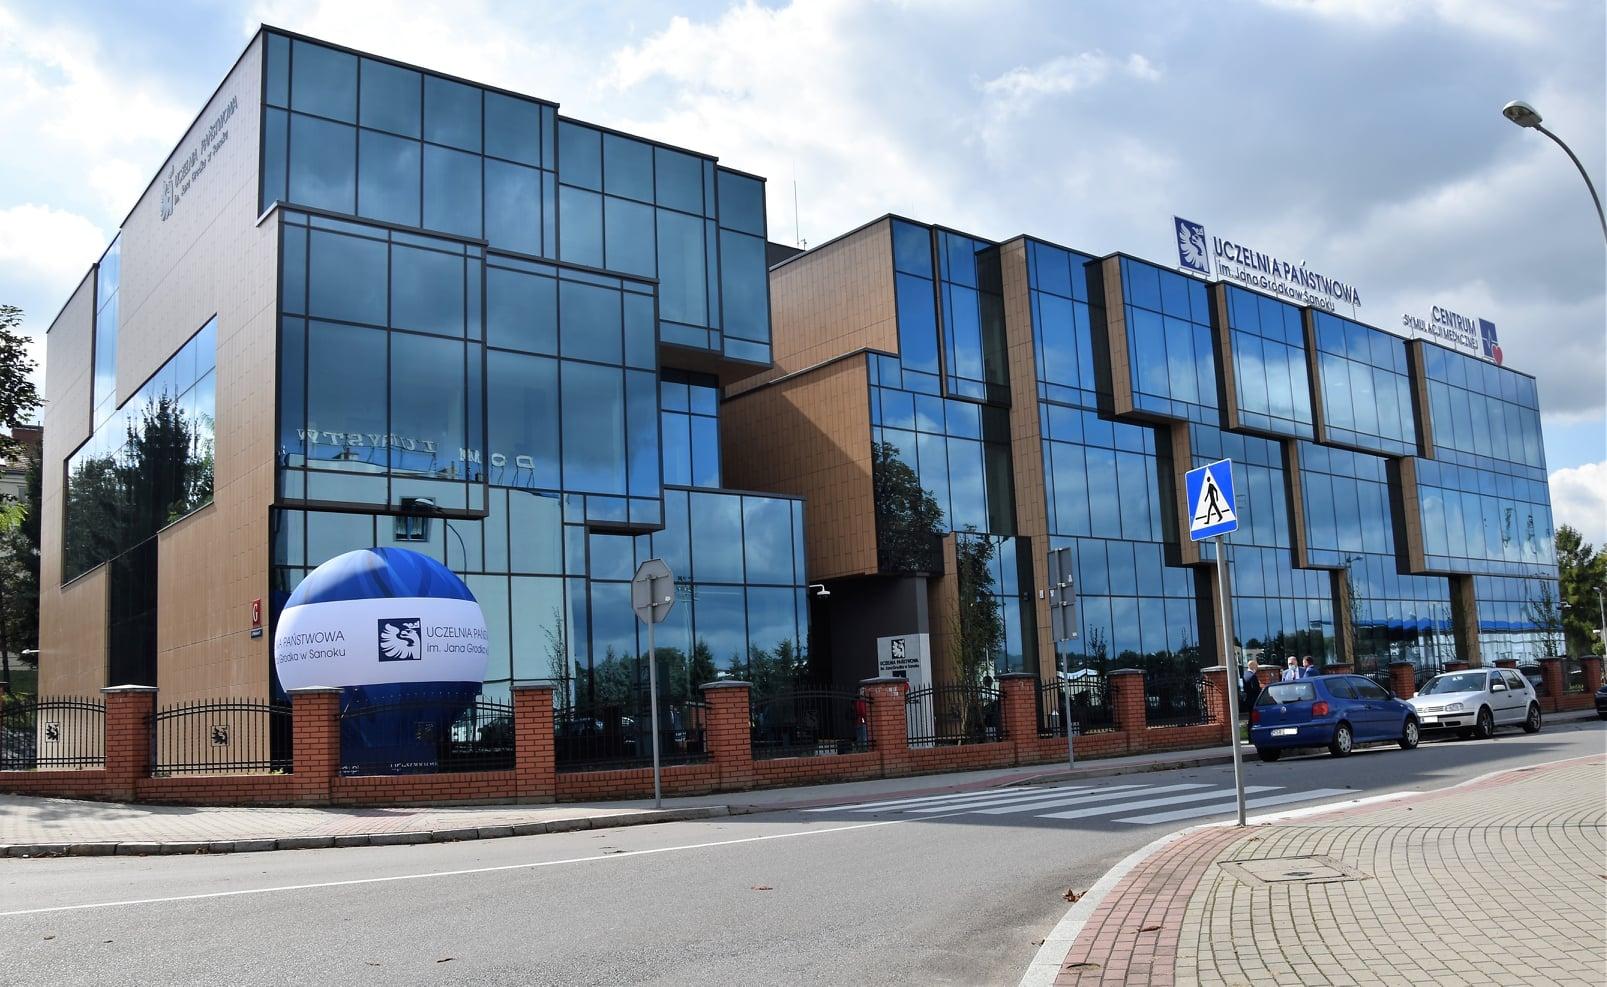 Uroczyste otwarcie Centrum Symulacji Medycznej w Sanoku [ZDJĘCIA] - Zdjęcie główne